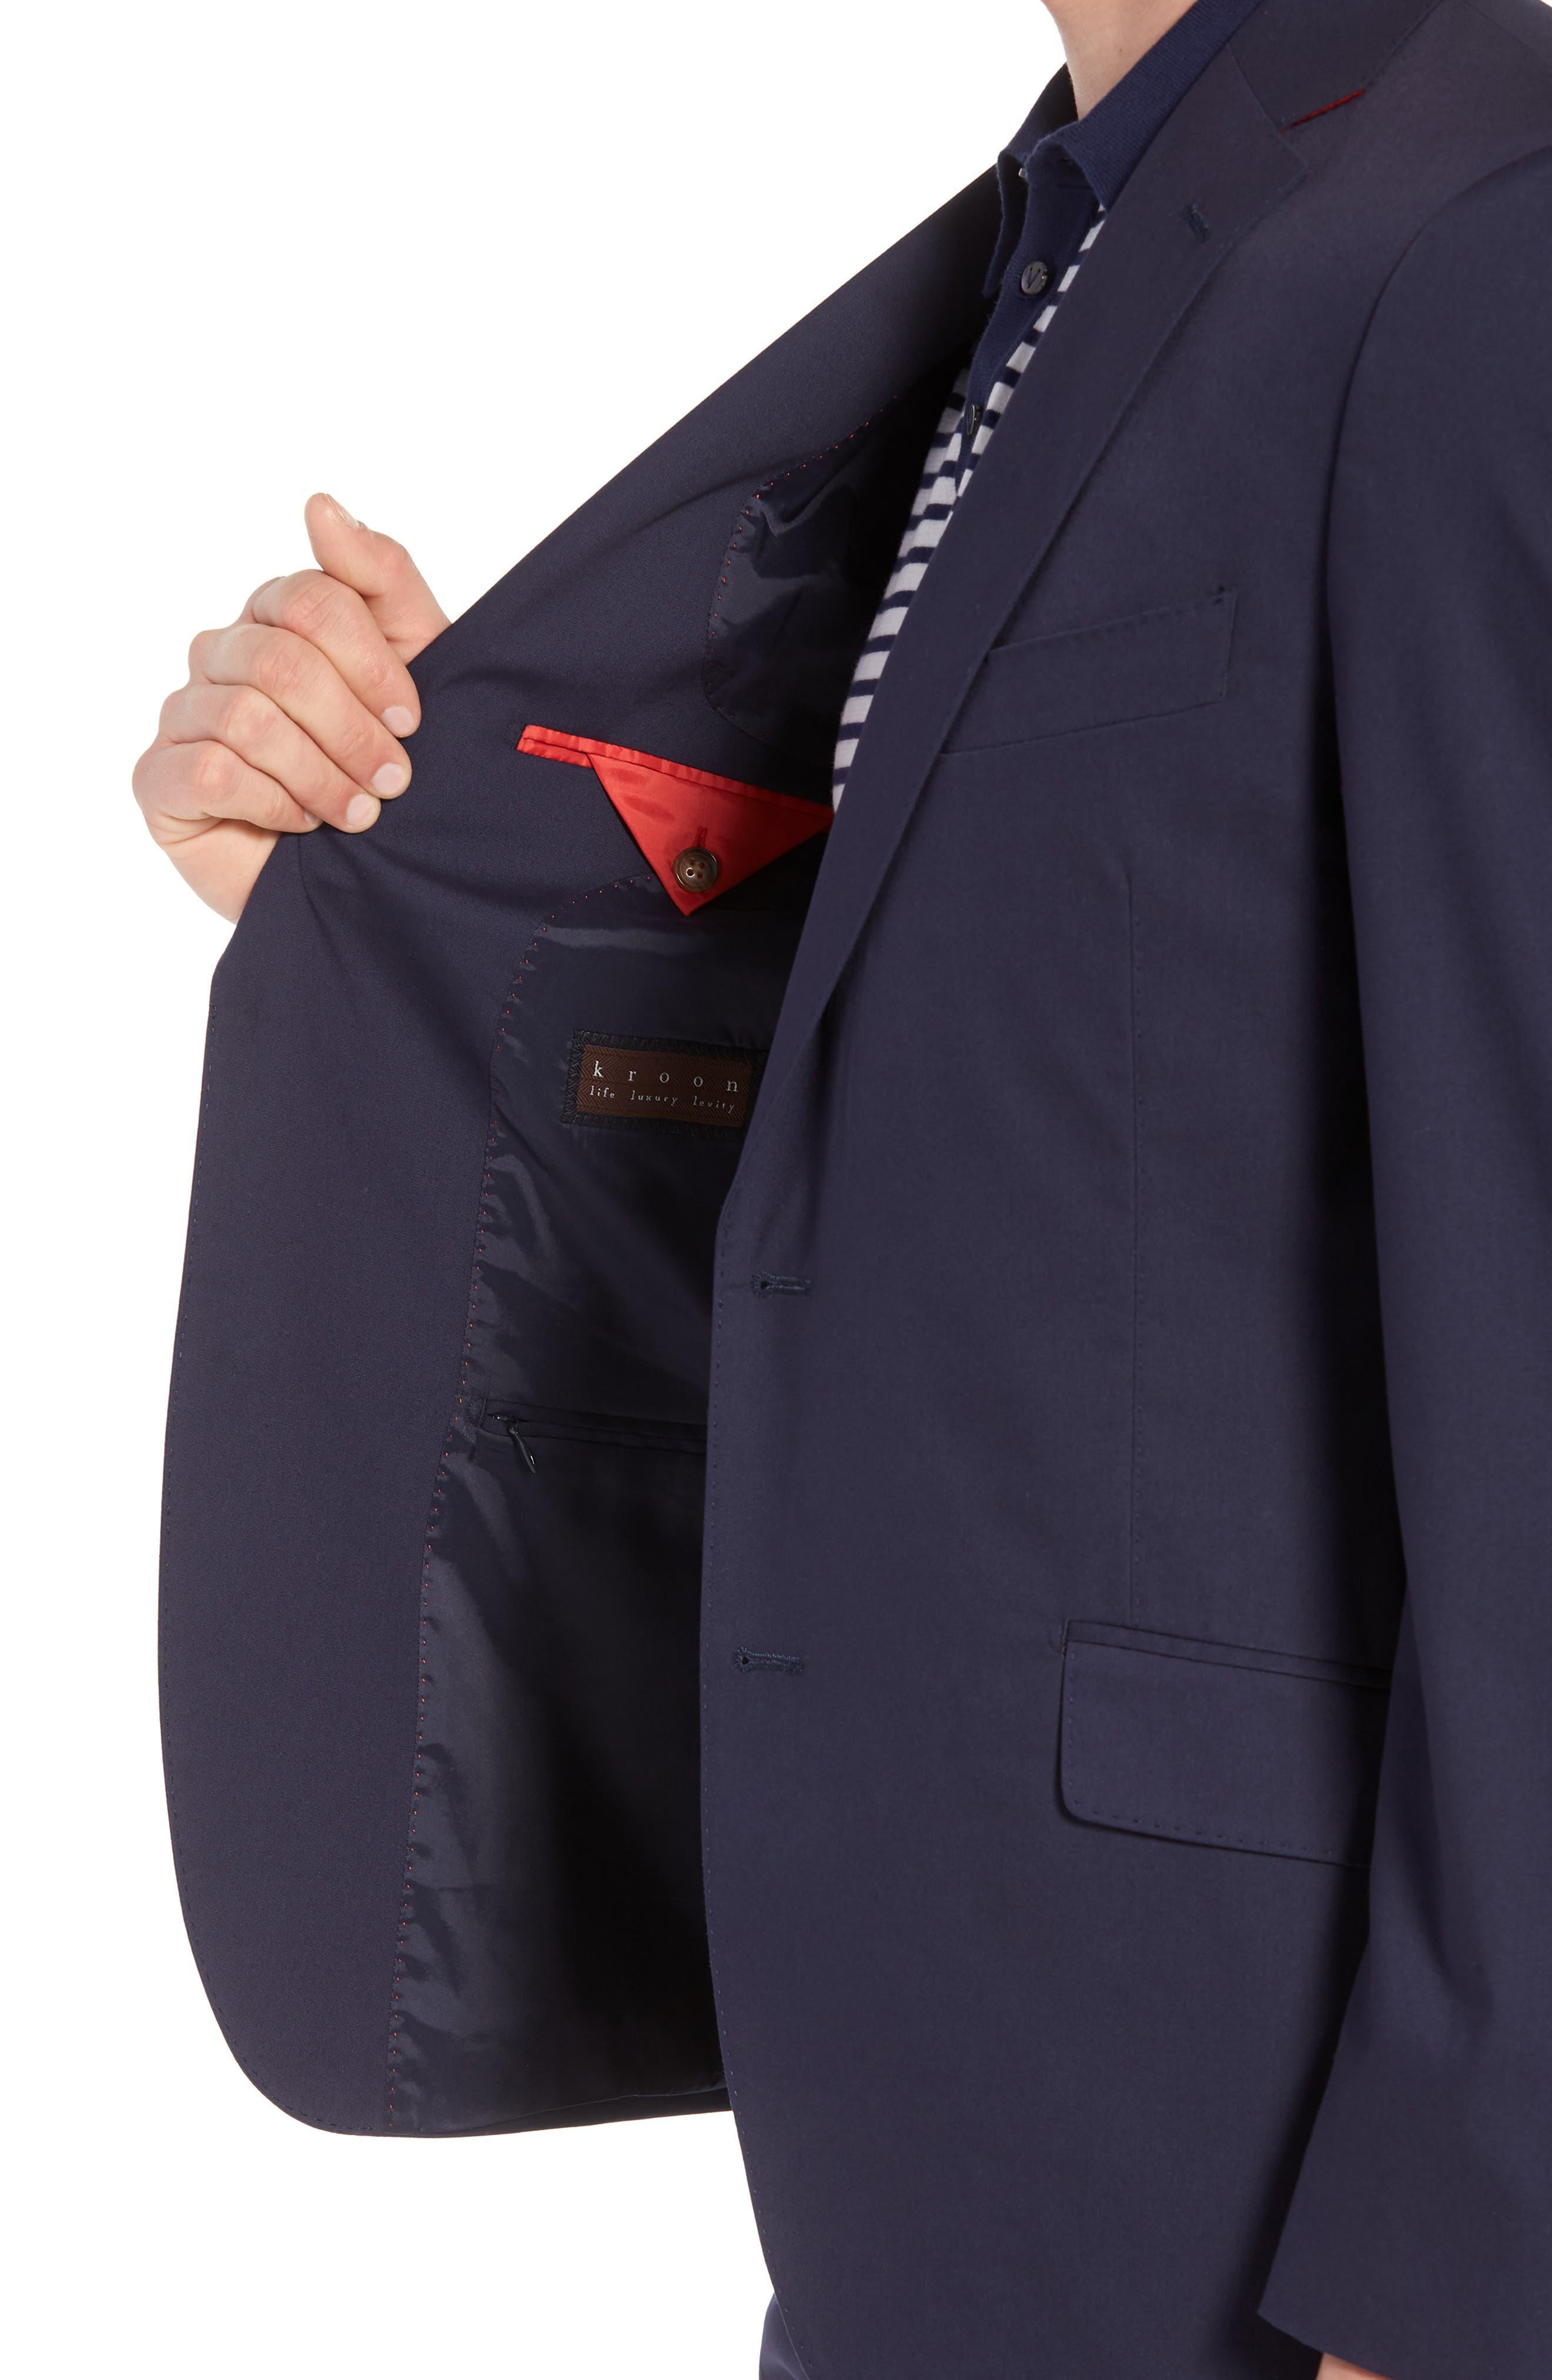 Irons AIM Classic Fit Solid Cotton Blend Suit,                             Alternate thumbnail 4, color,                             410